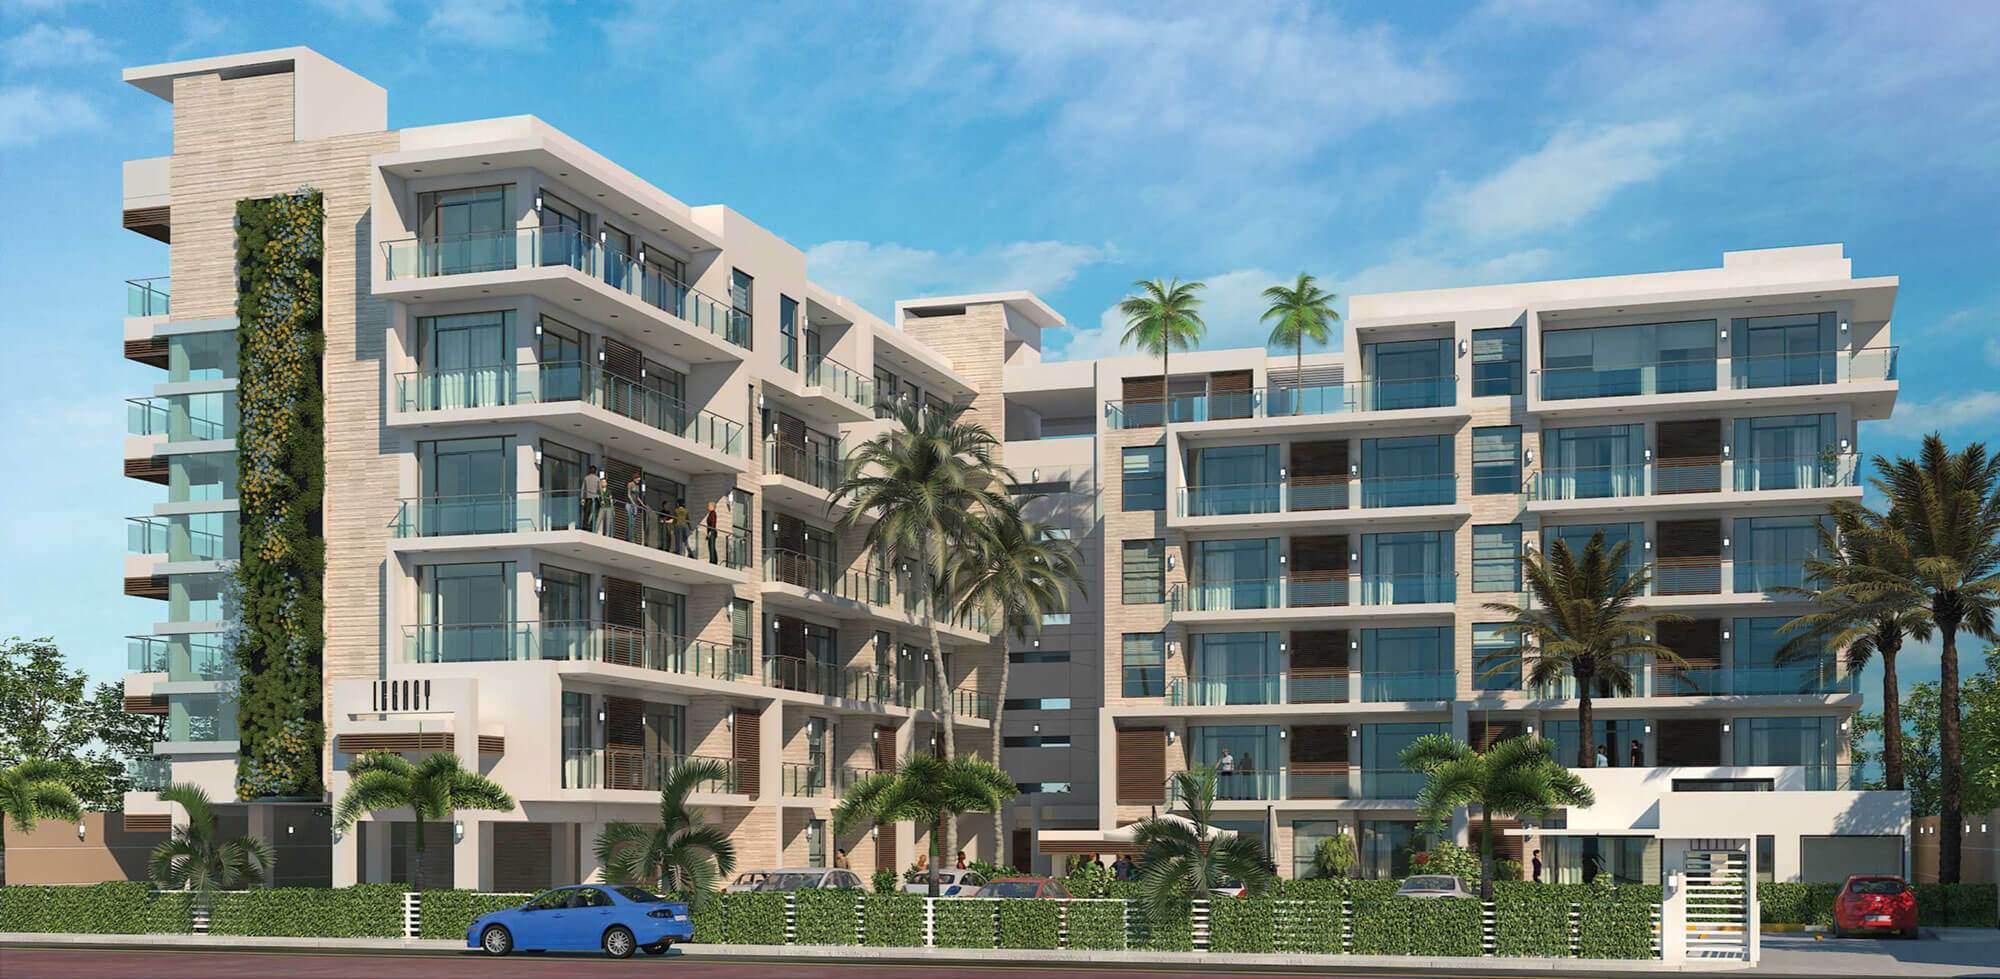 Aruba rental properties